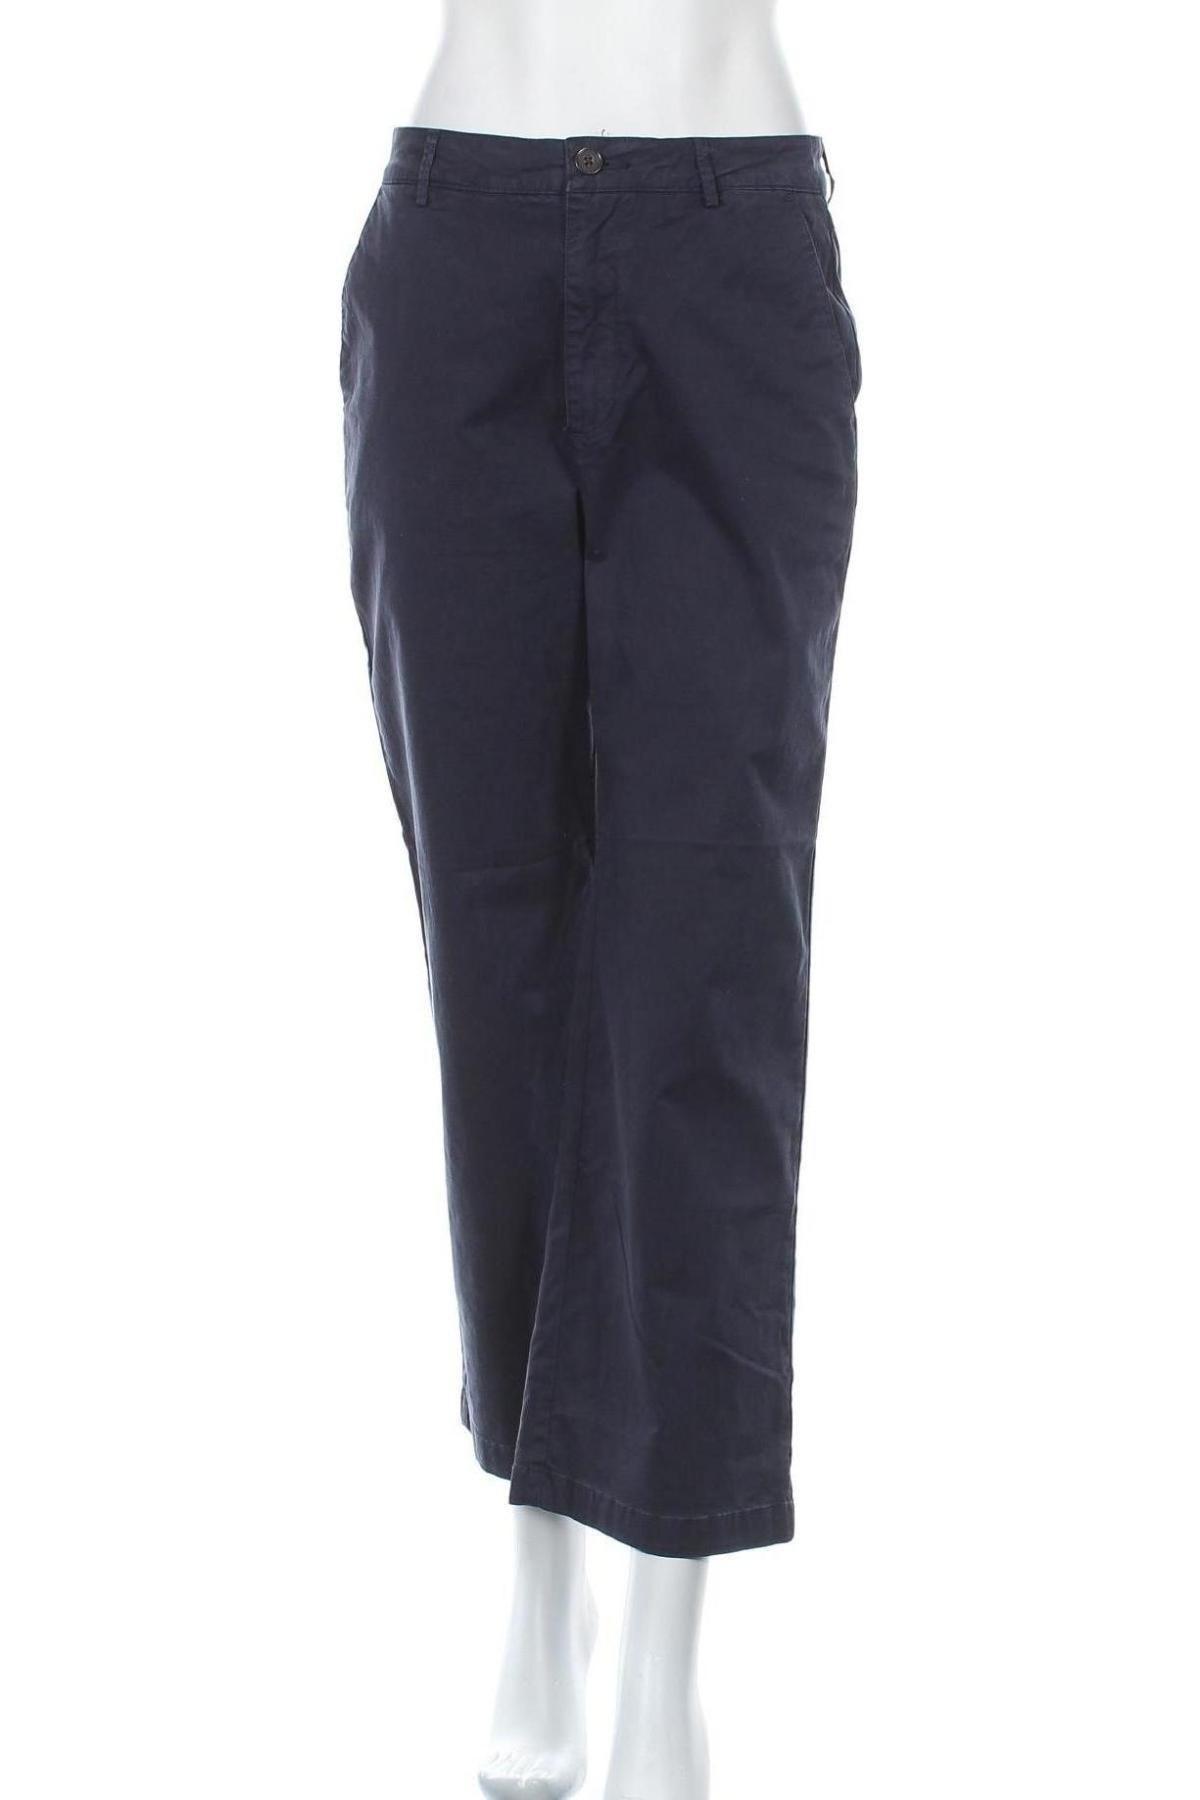 Дамски панталон Joseph Janard, Размер S, Цвят Син, 97% памук, 3% еластан, Цена 14,45лв.